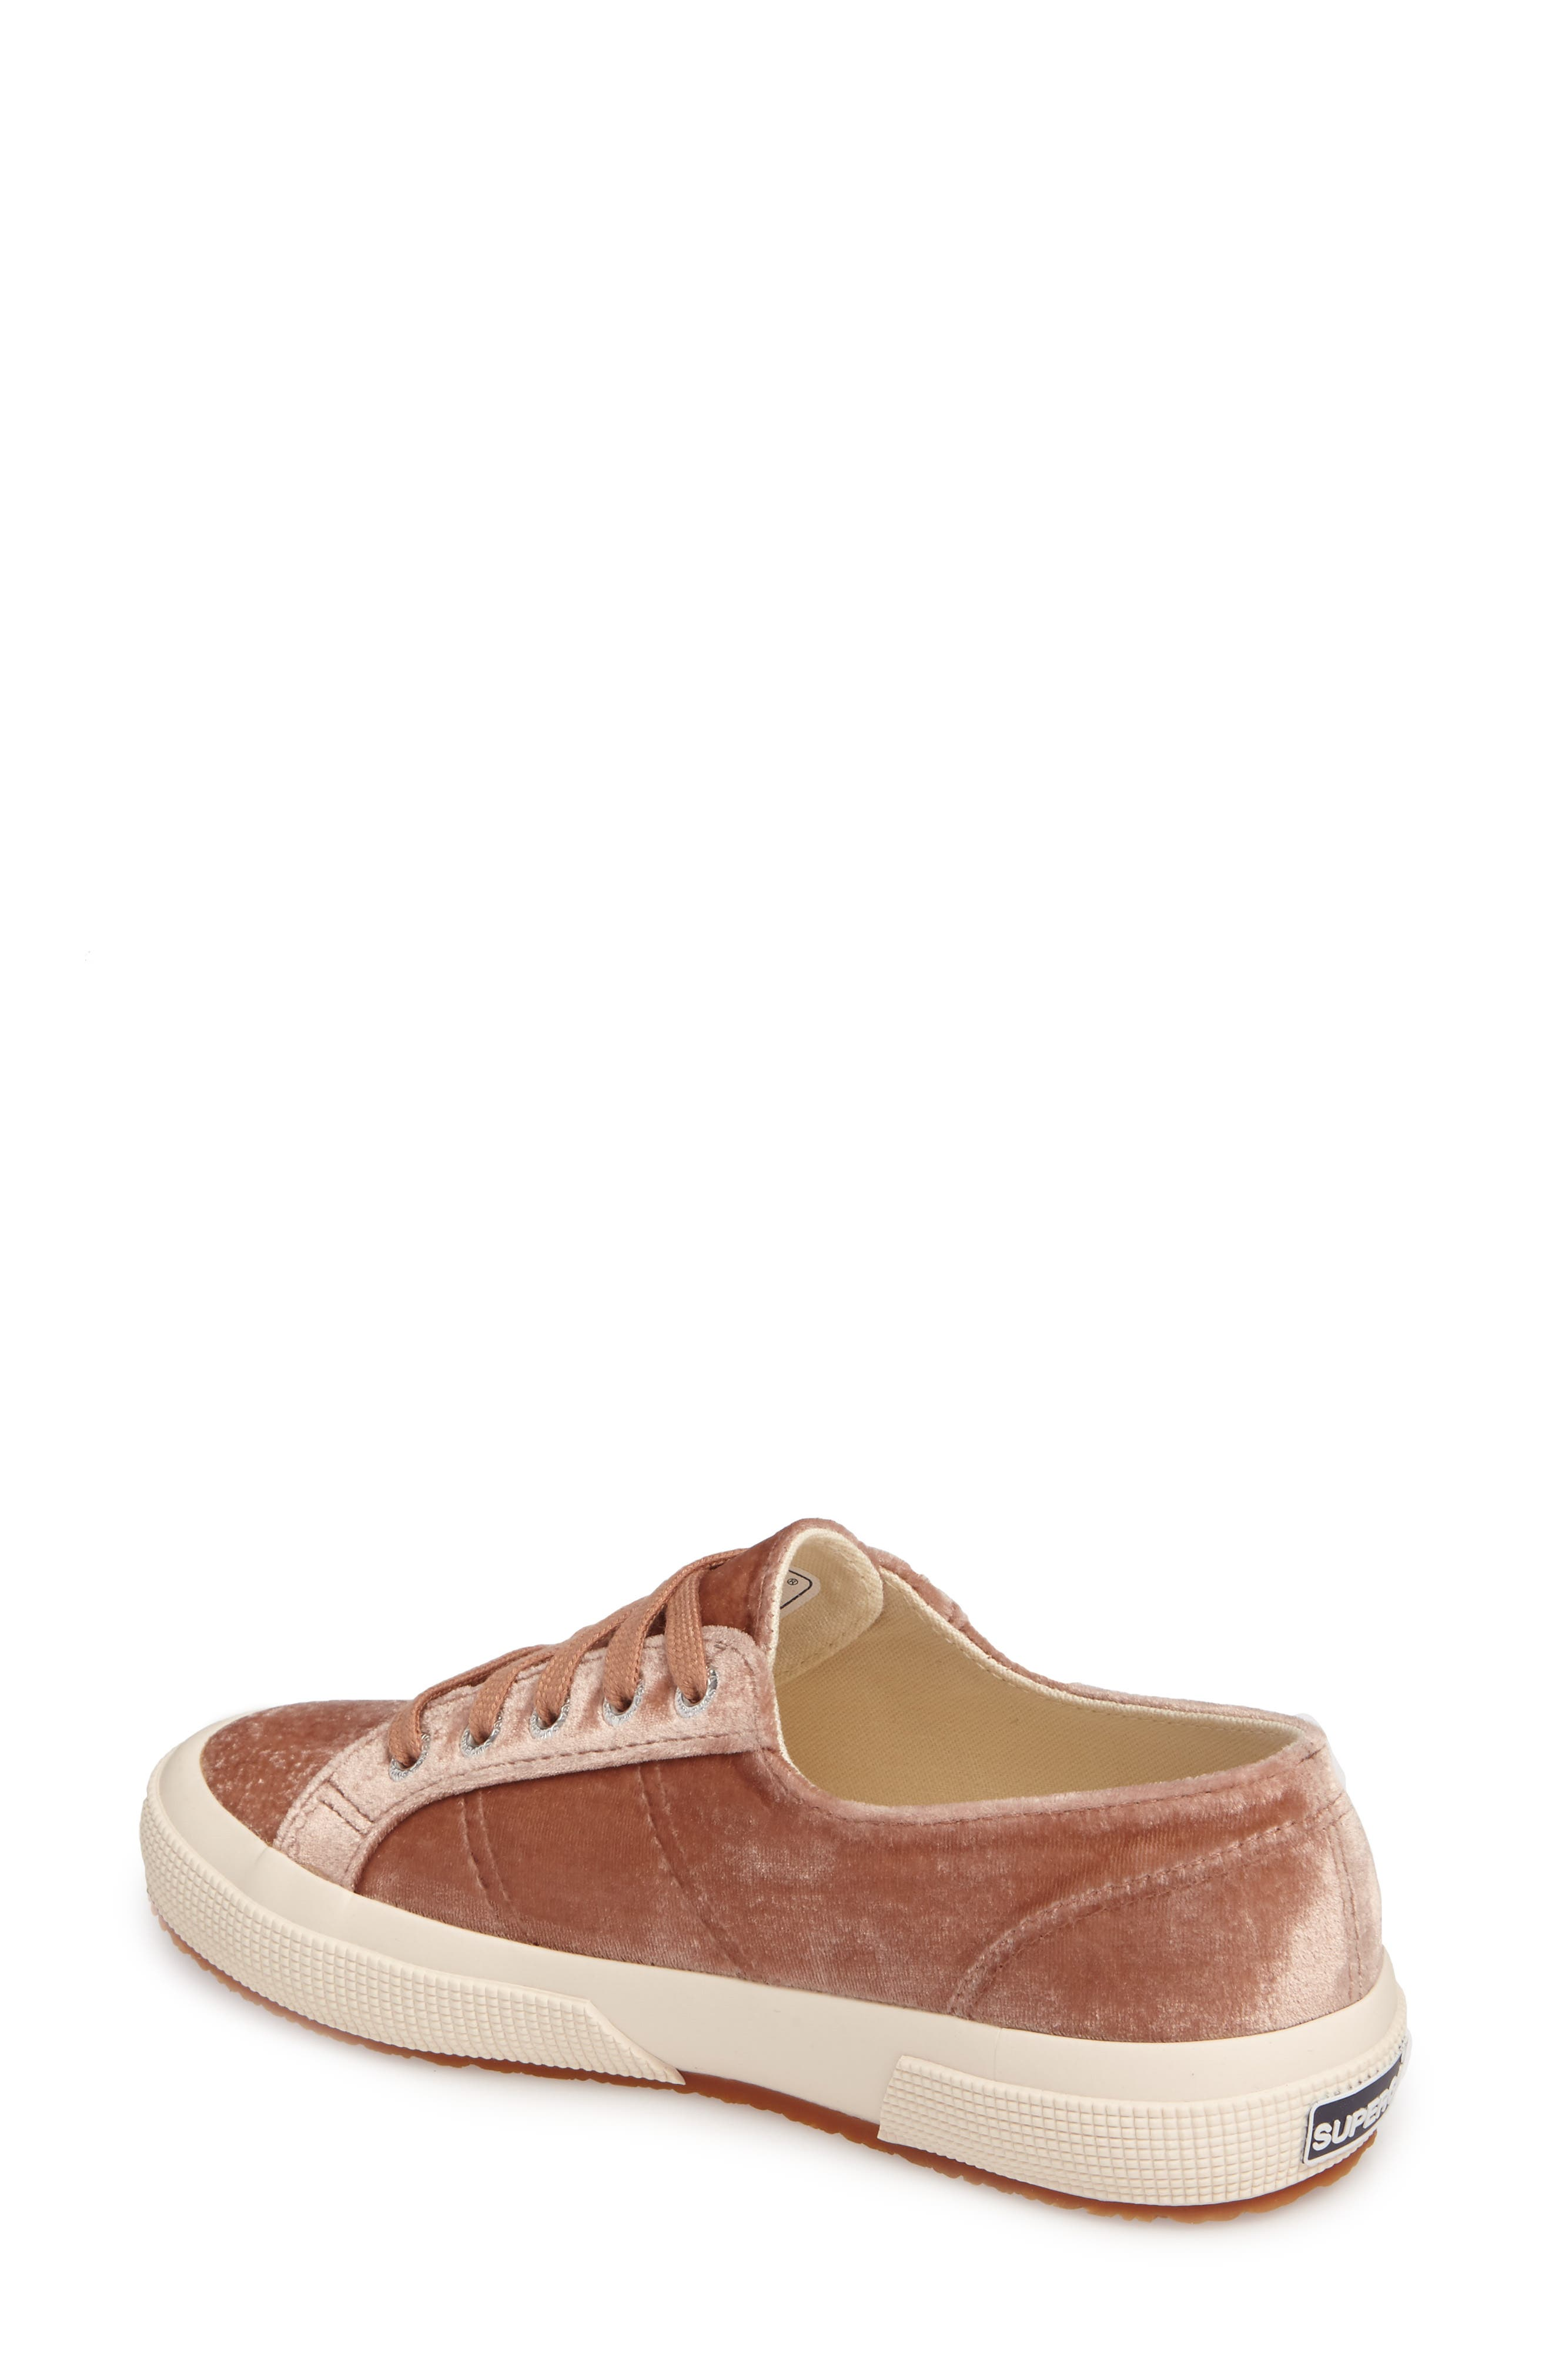 Alternate Image 2  - Superga Cotu Classic Sneaker